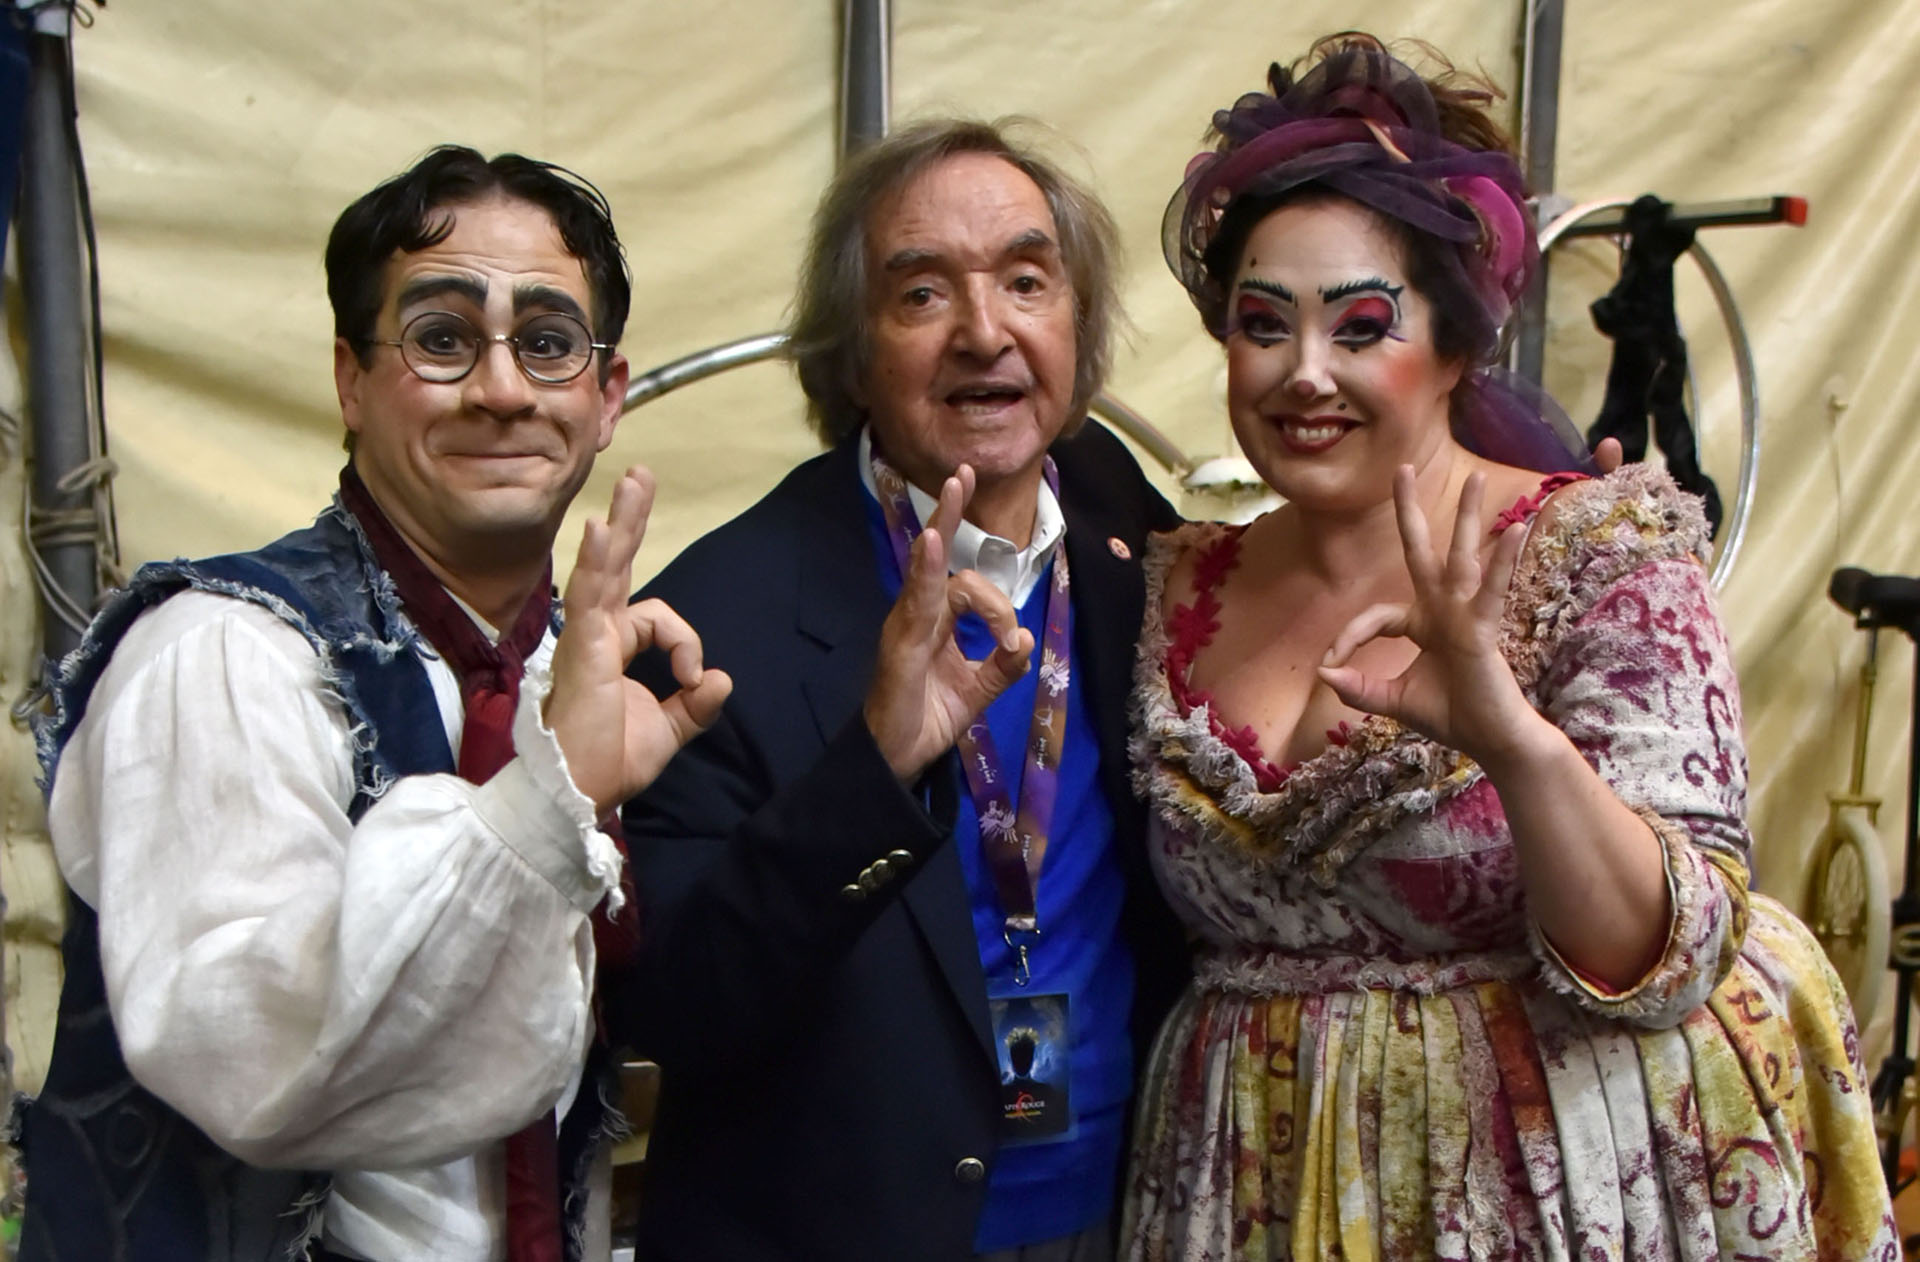 """¡Gestito de idea! Carlitos Balá volvió a una de sus grandes pasiones: el circo. Fue invitado especialmente por el Cirque du Soleil para ver el show """"Amaluma"""". Luego de la función, en los camarines lo rodearon de cariño. Y no es para menos… (Fotos: Verónica Guerman / Teleshow)"""